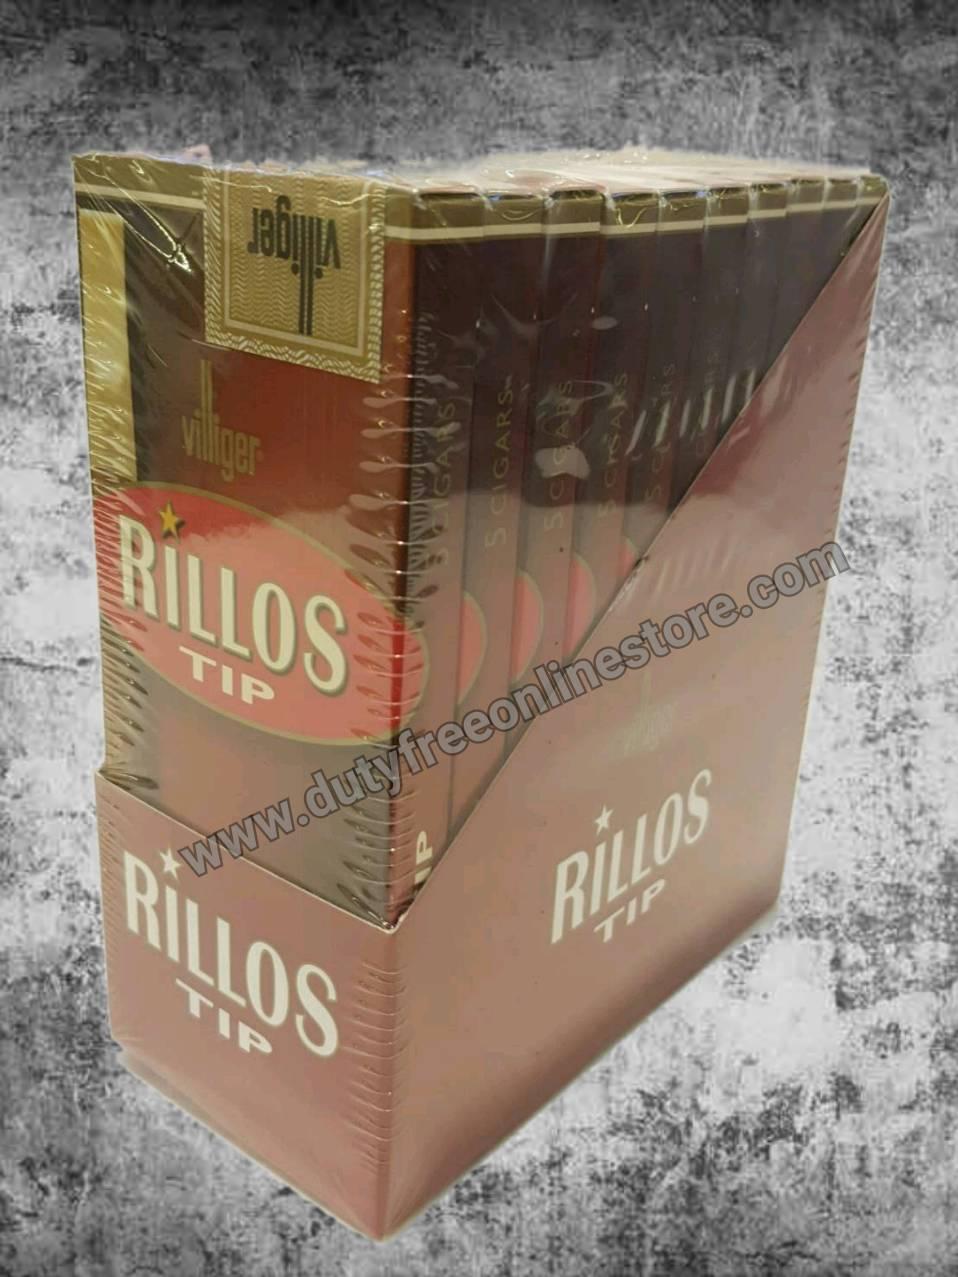 Villiger Rillos Tip  (Made in Germany) 5 X 10 = 50  cigars